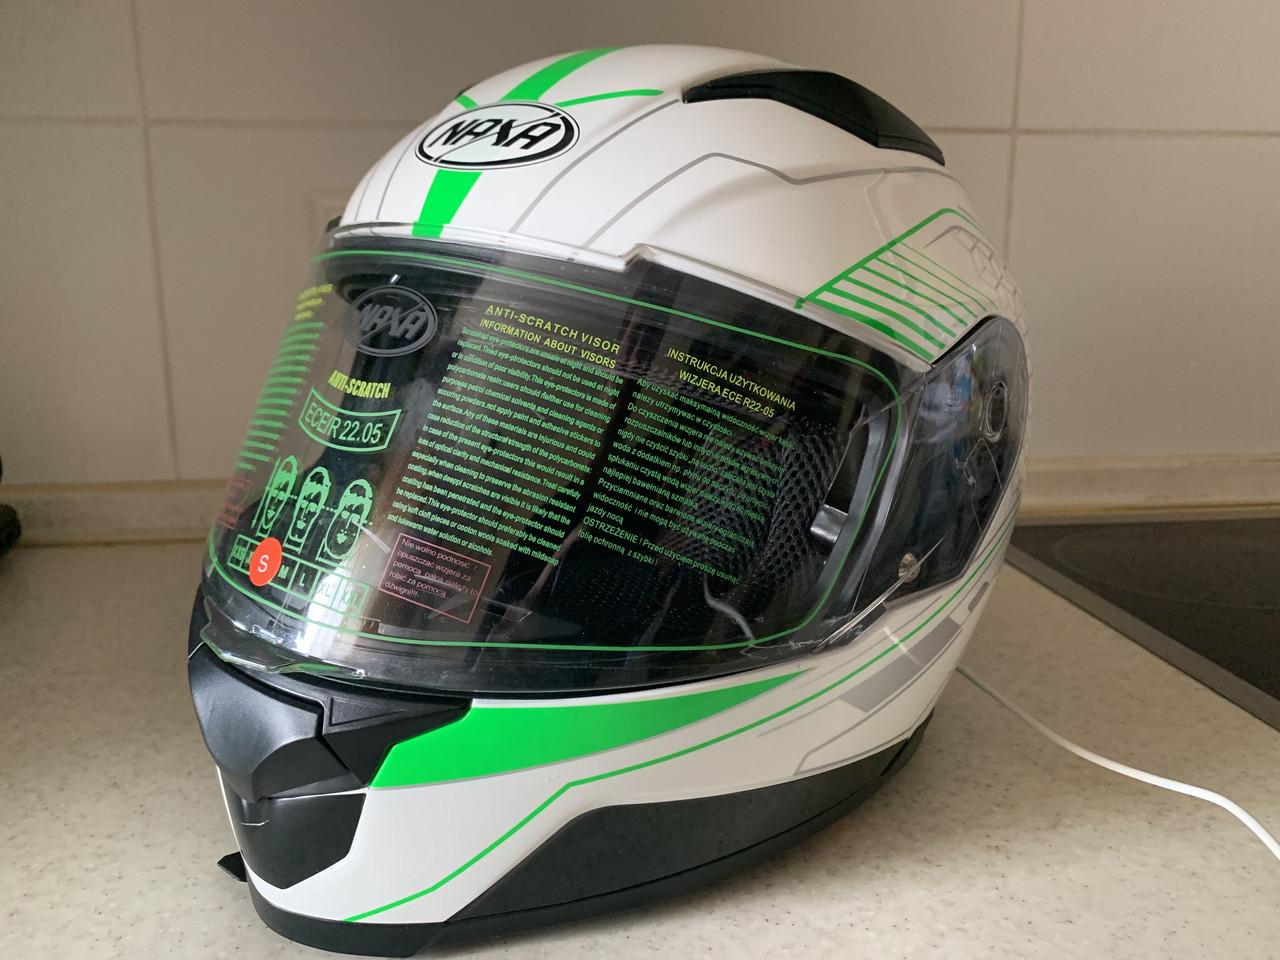 Мото шлем оригинал Европа закрытый бело-салатовый Naxa pro (Польша) сертифицирован